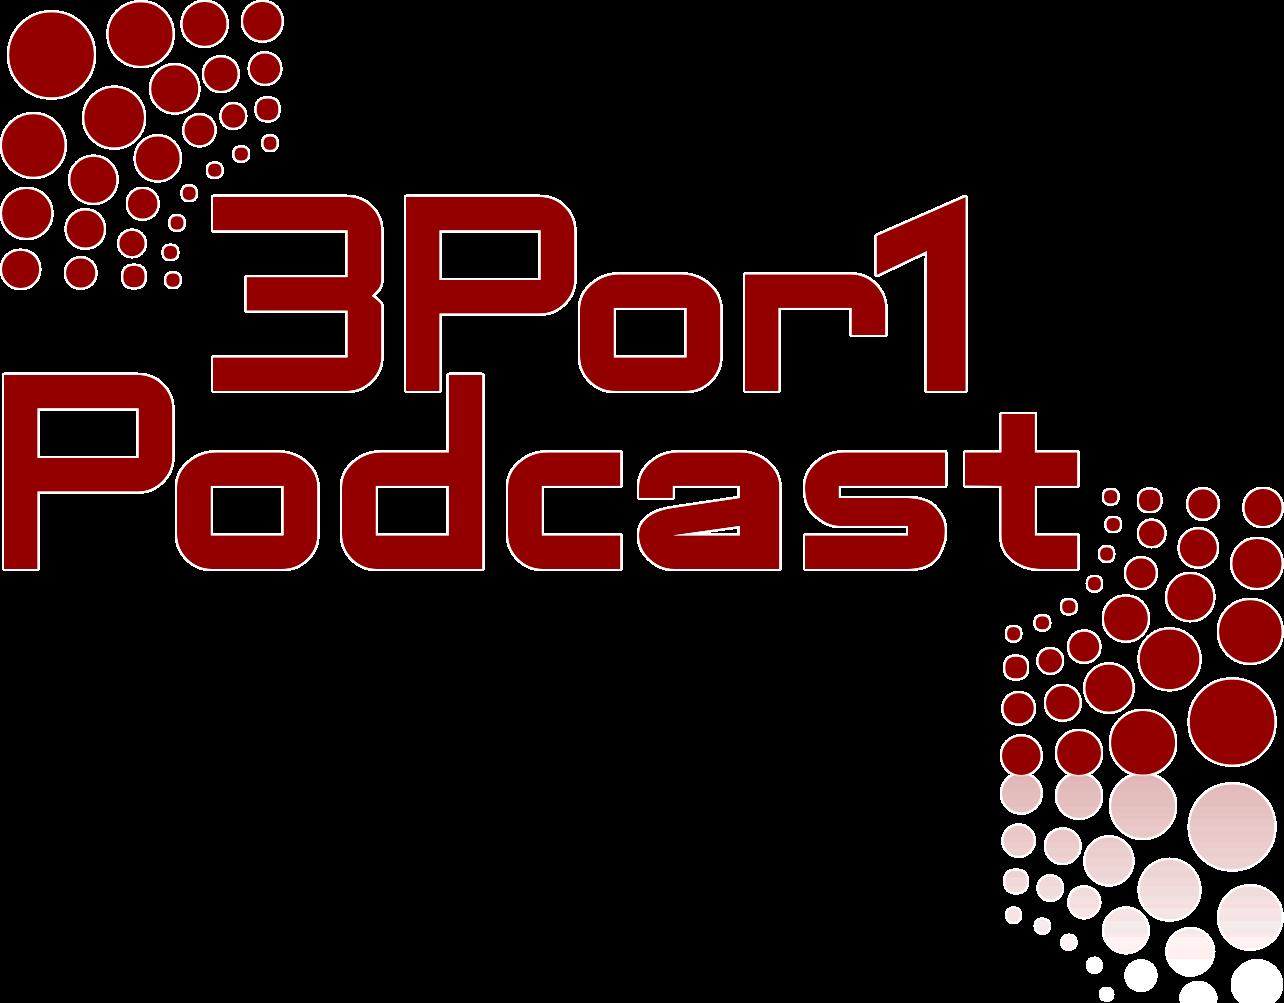 3Por1 Podcast